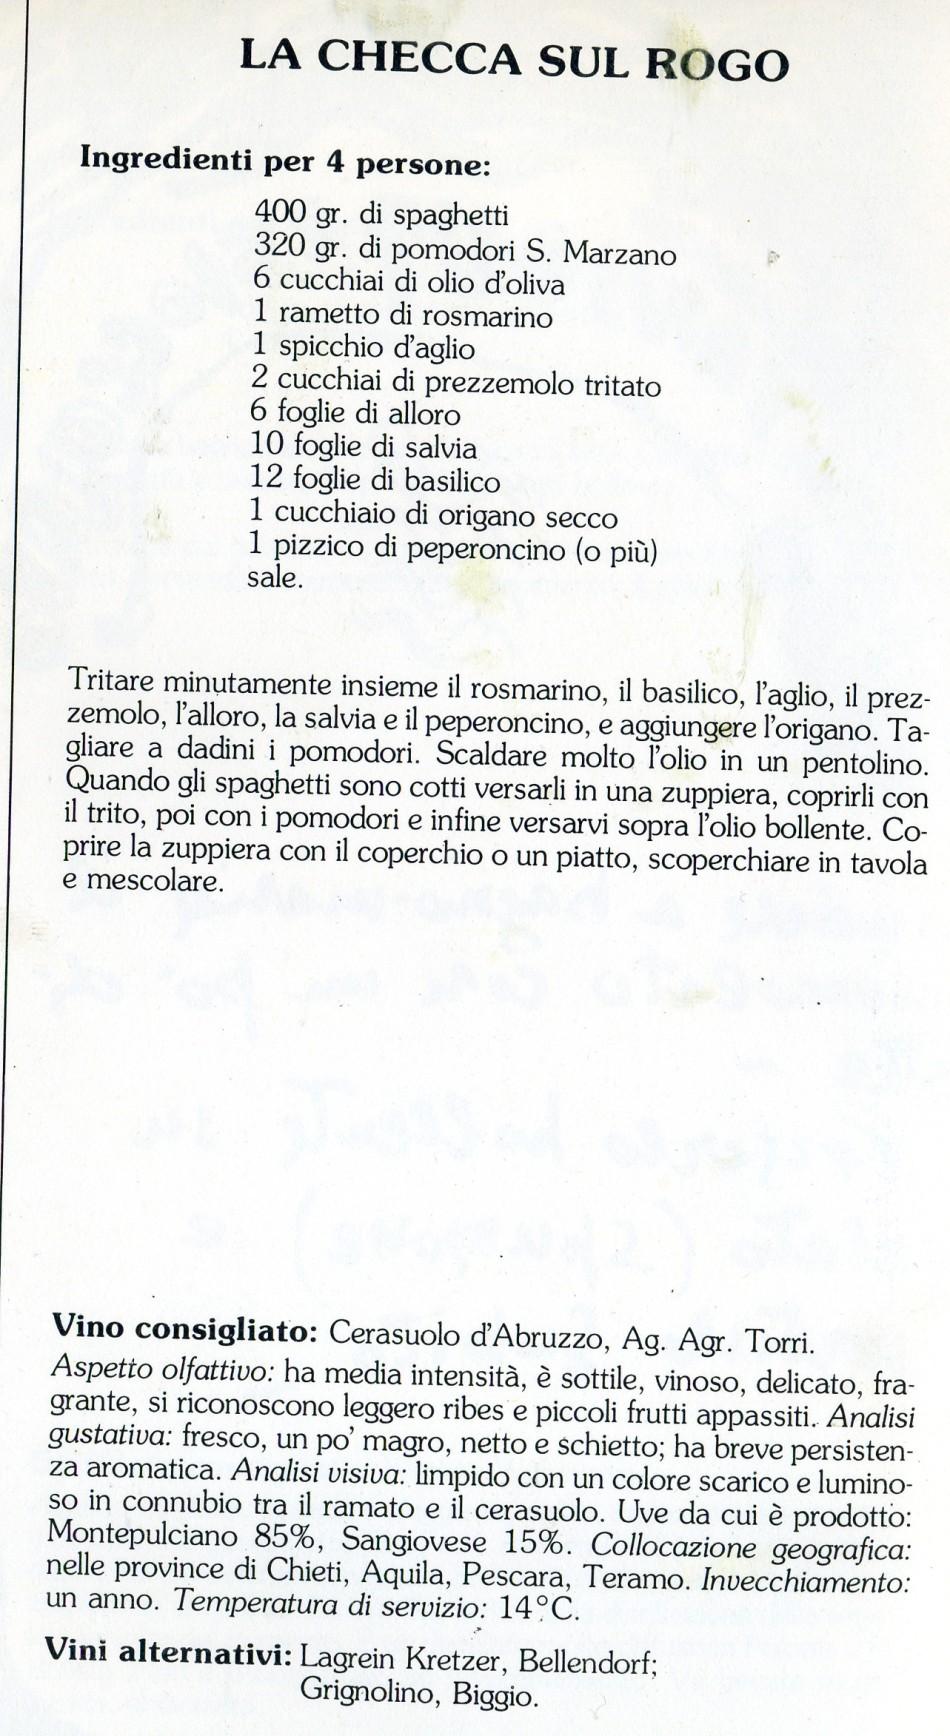 vchecca rogo005